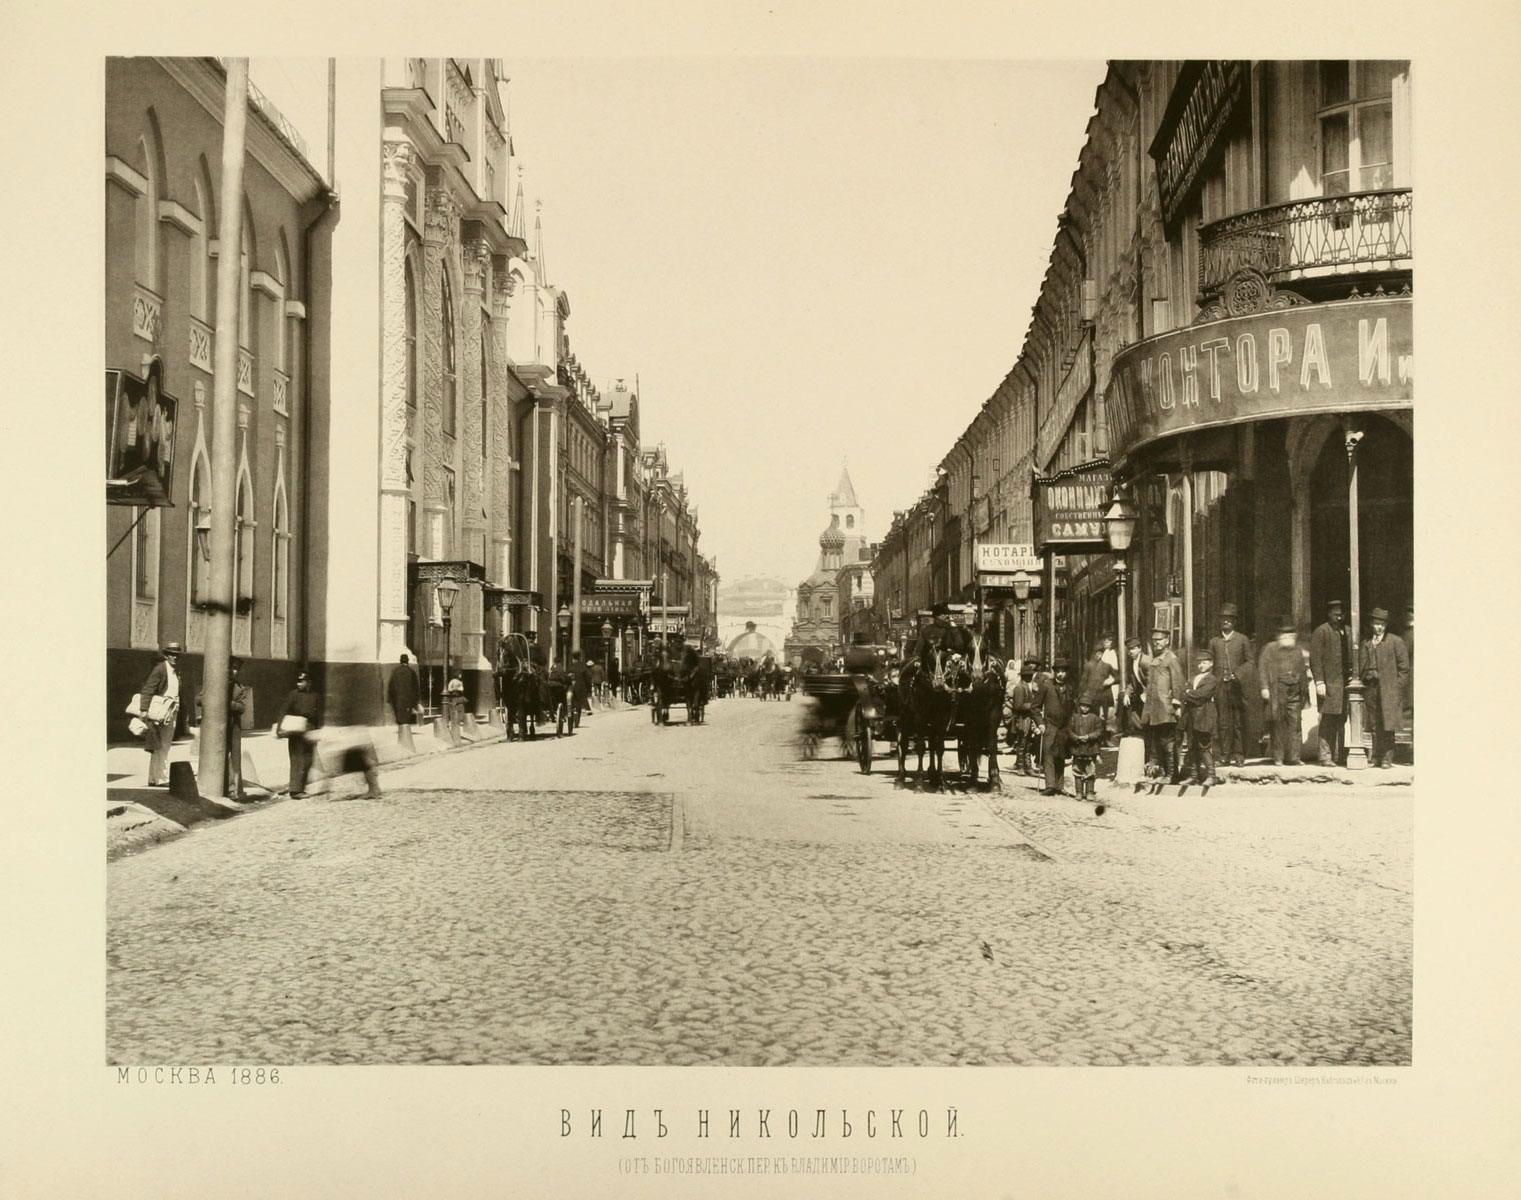 Вид Никольской 1886 года